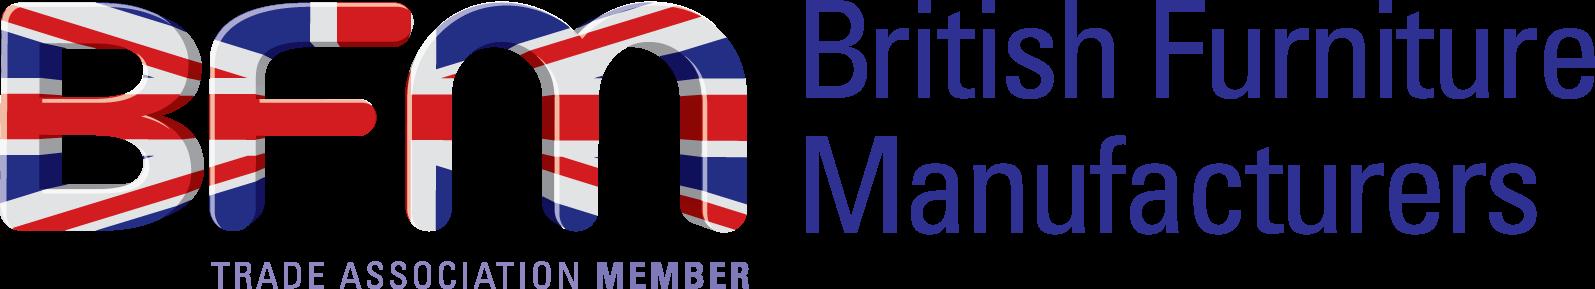 bfm-logo-inline-member-v1.png